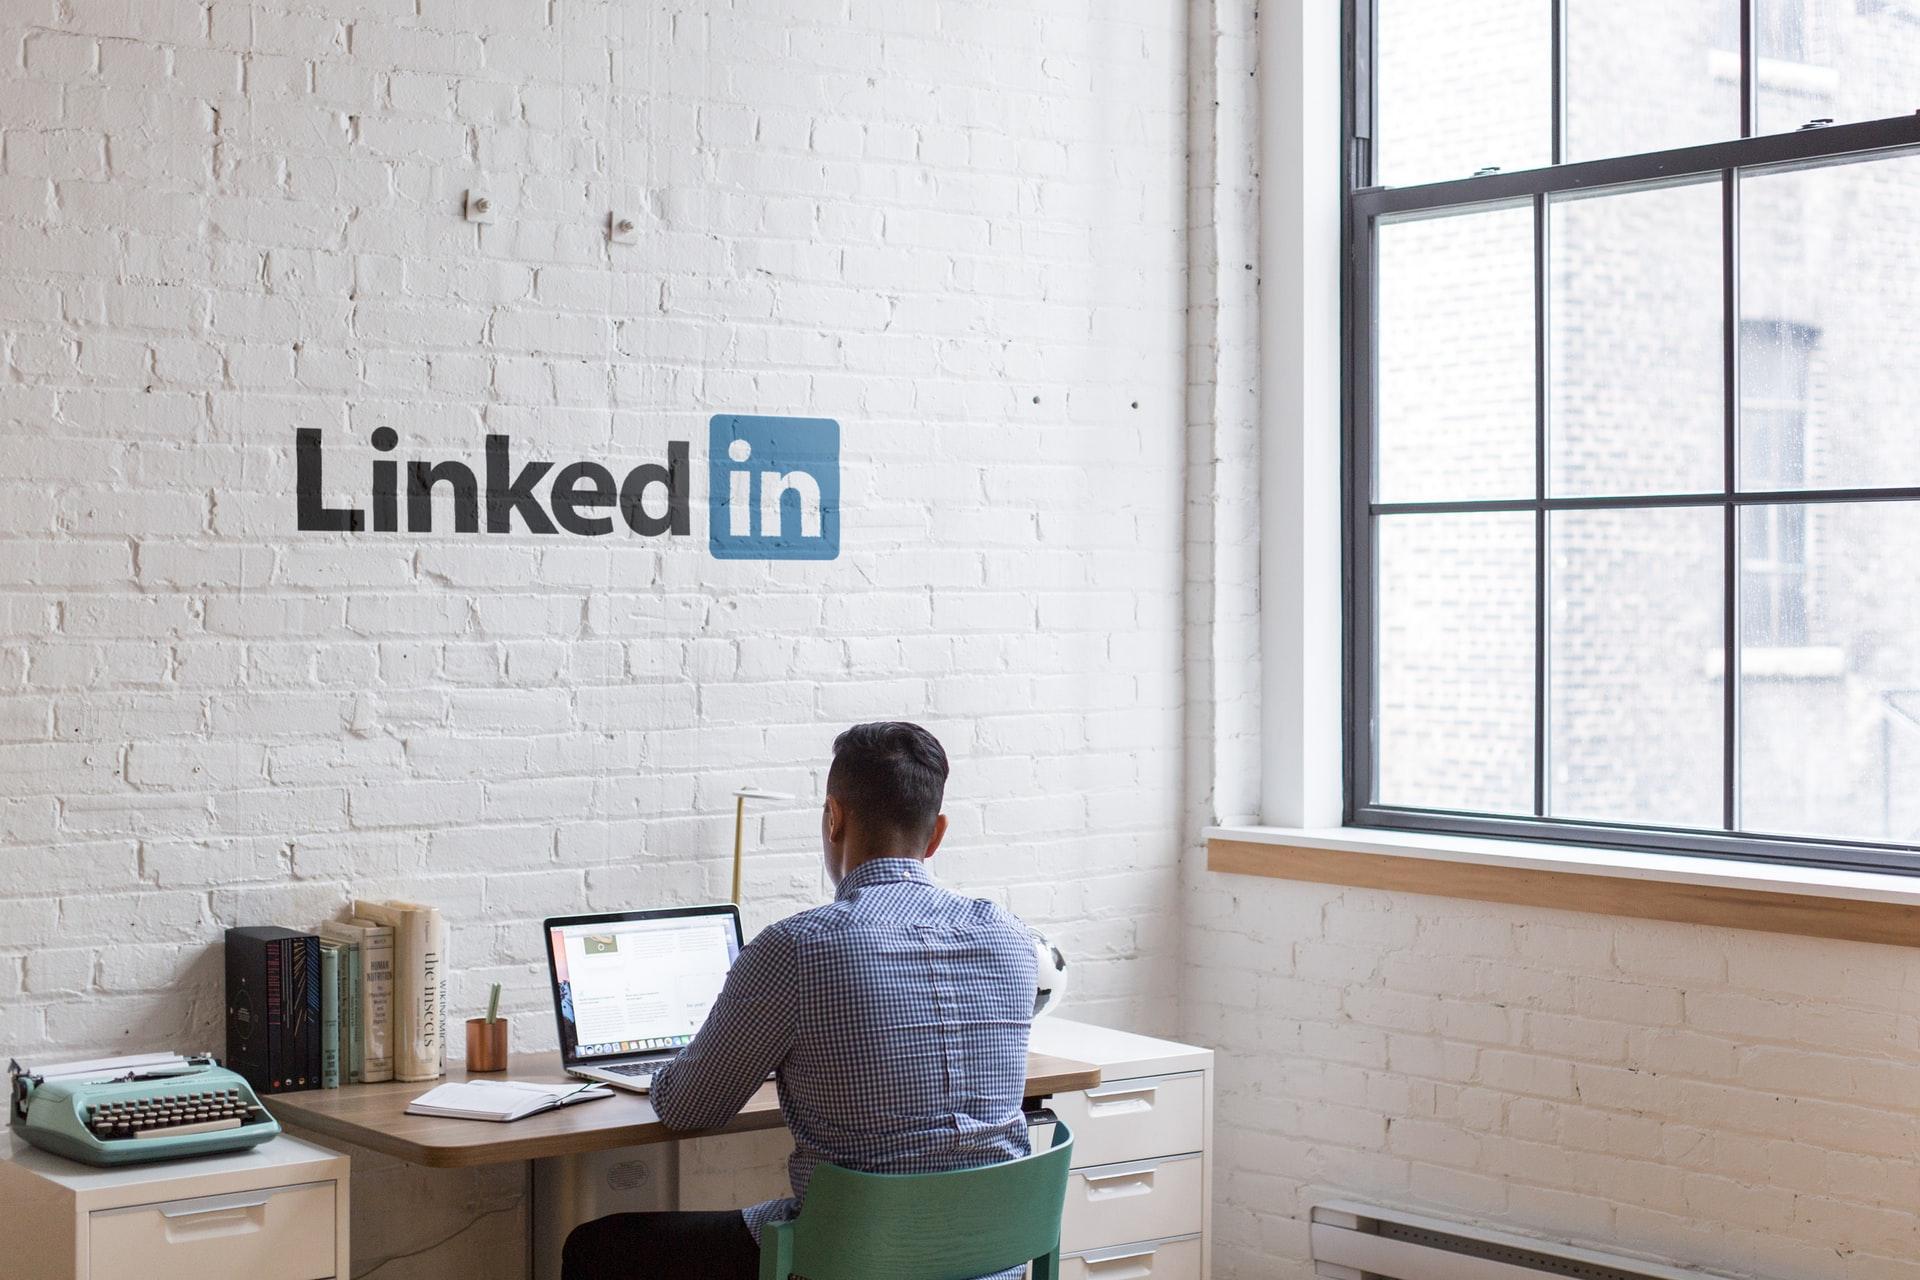 comment créer un profil linkedin